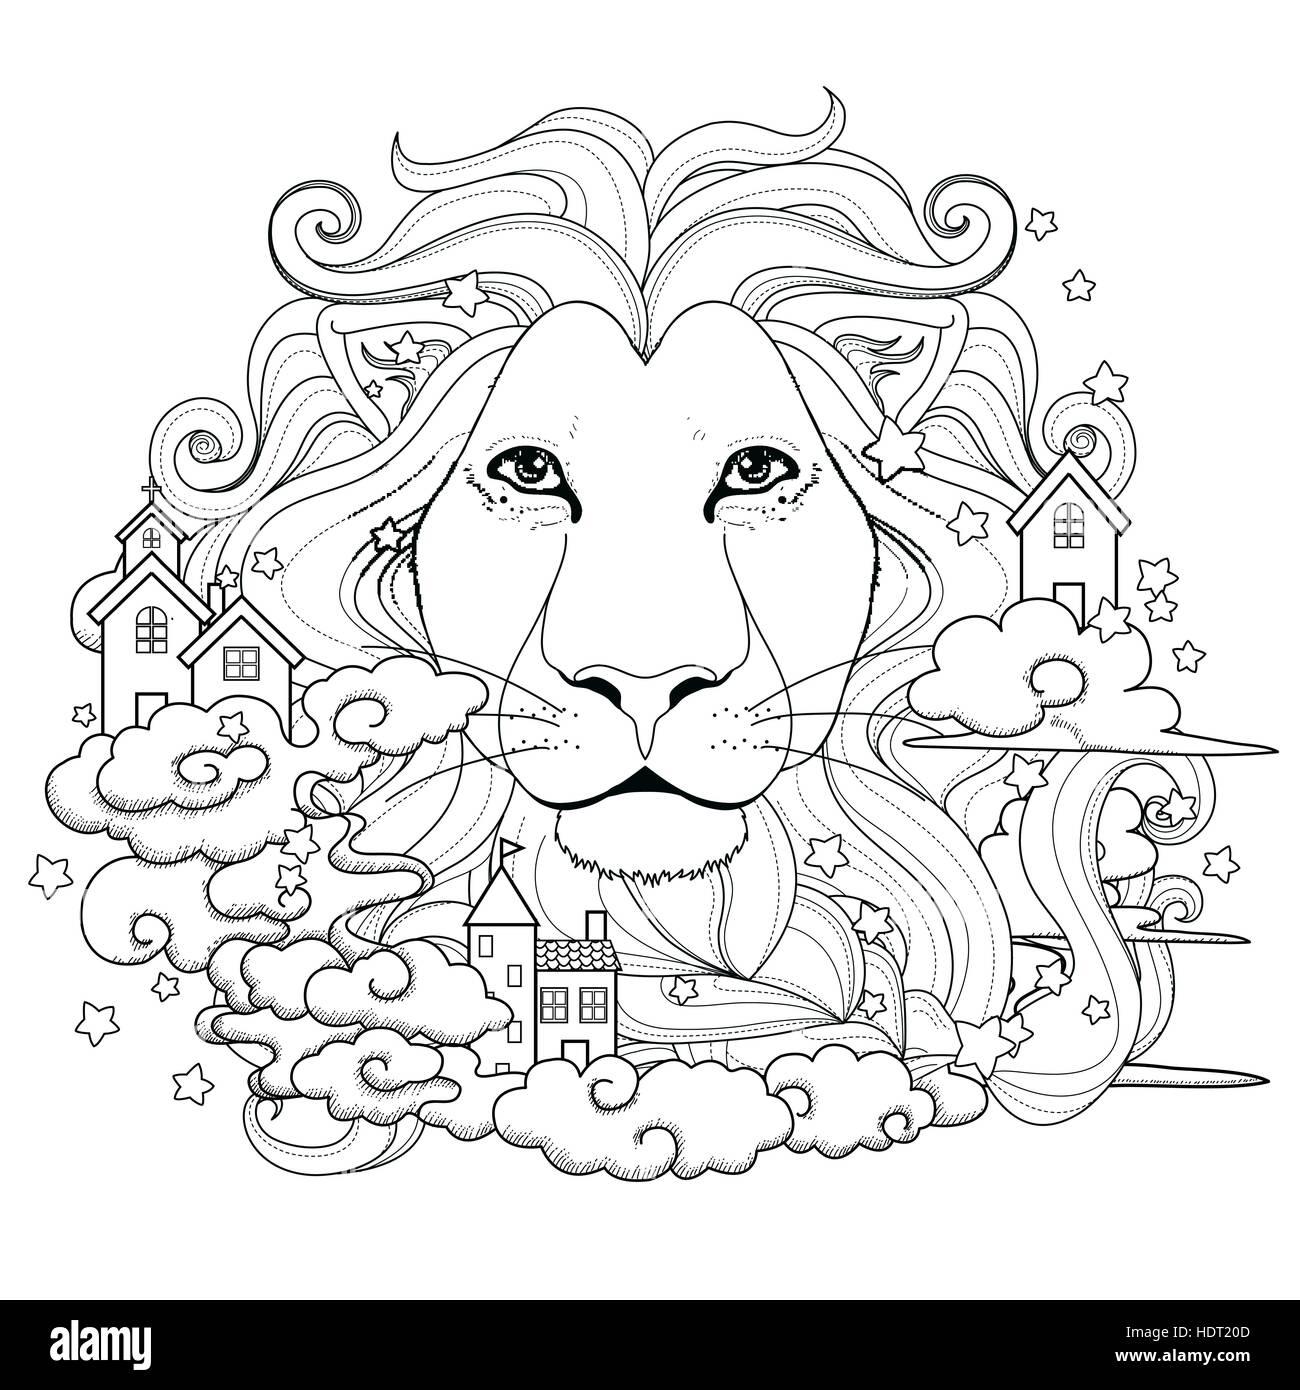 schöne Löwen Malvorlagen in exquisitem Stil Vektor Abbildung - Bild ...